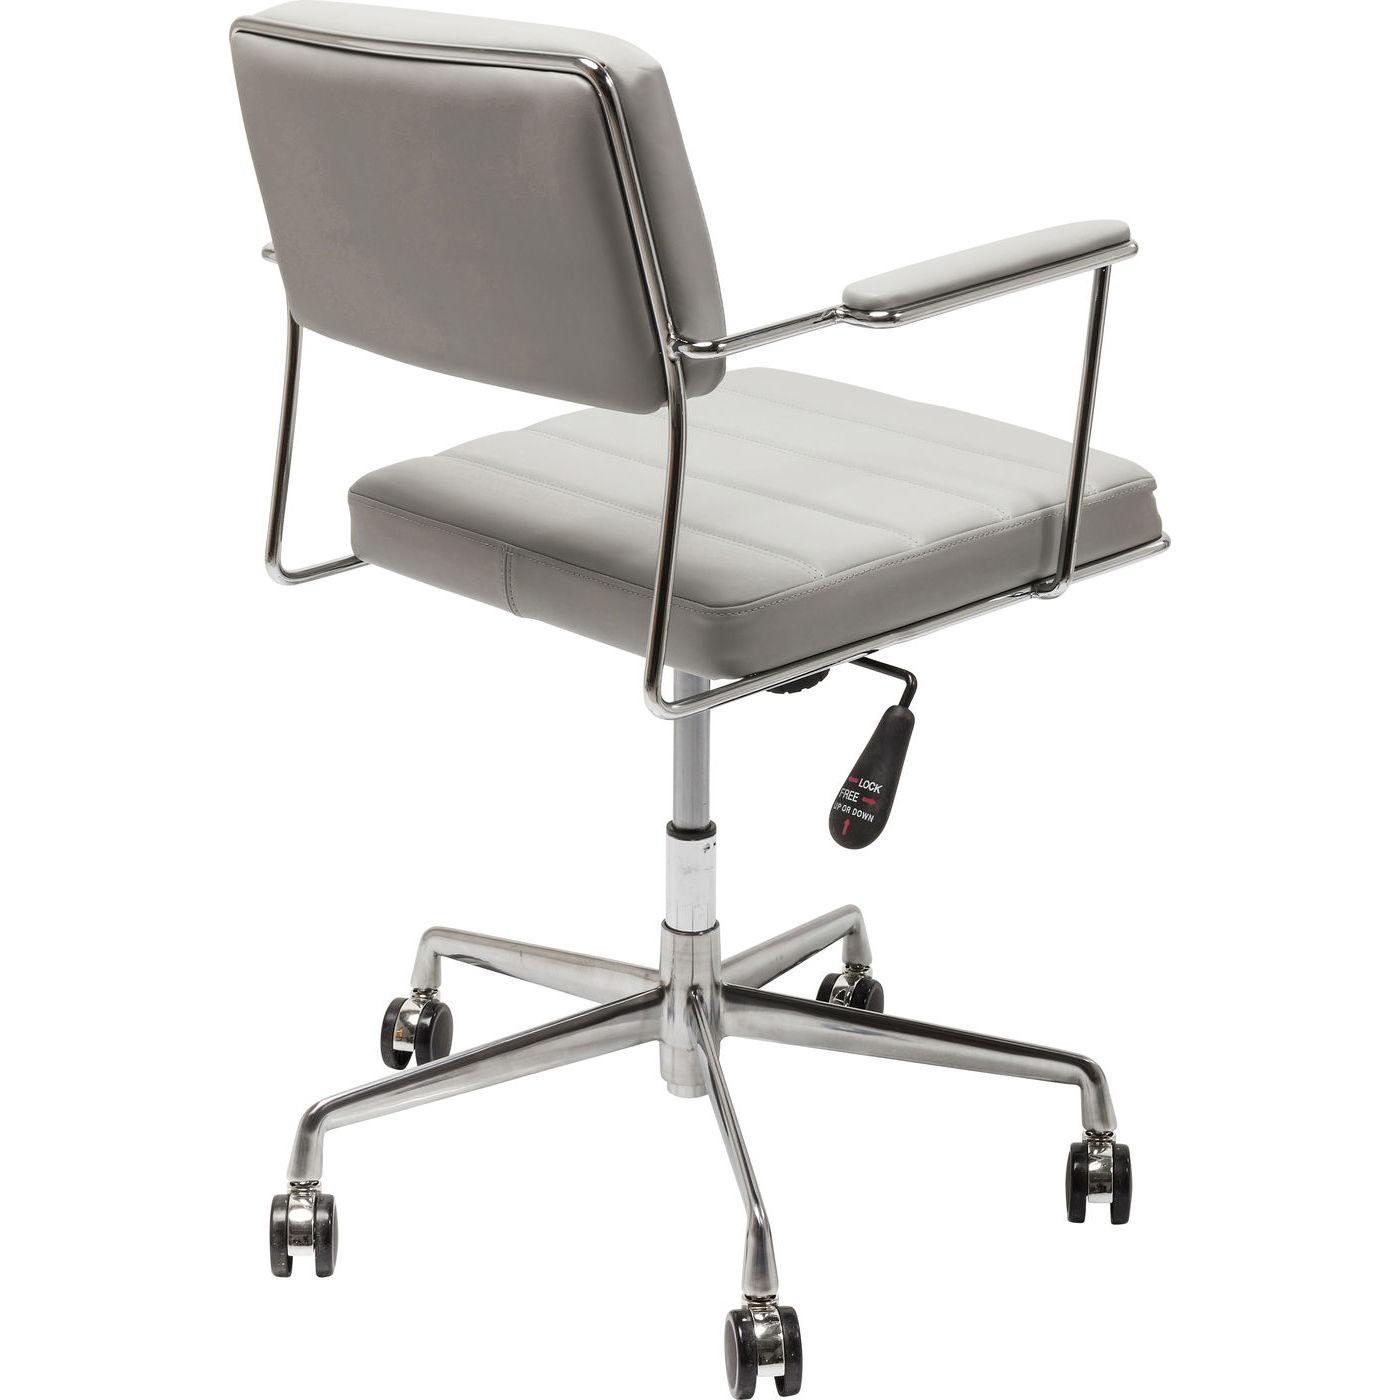 Chaise de bureau pivotante Dottore grise Kare Design